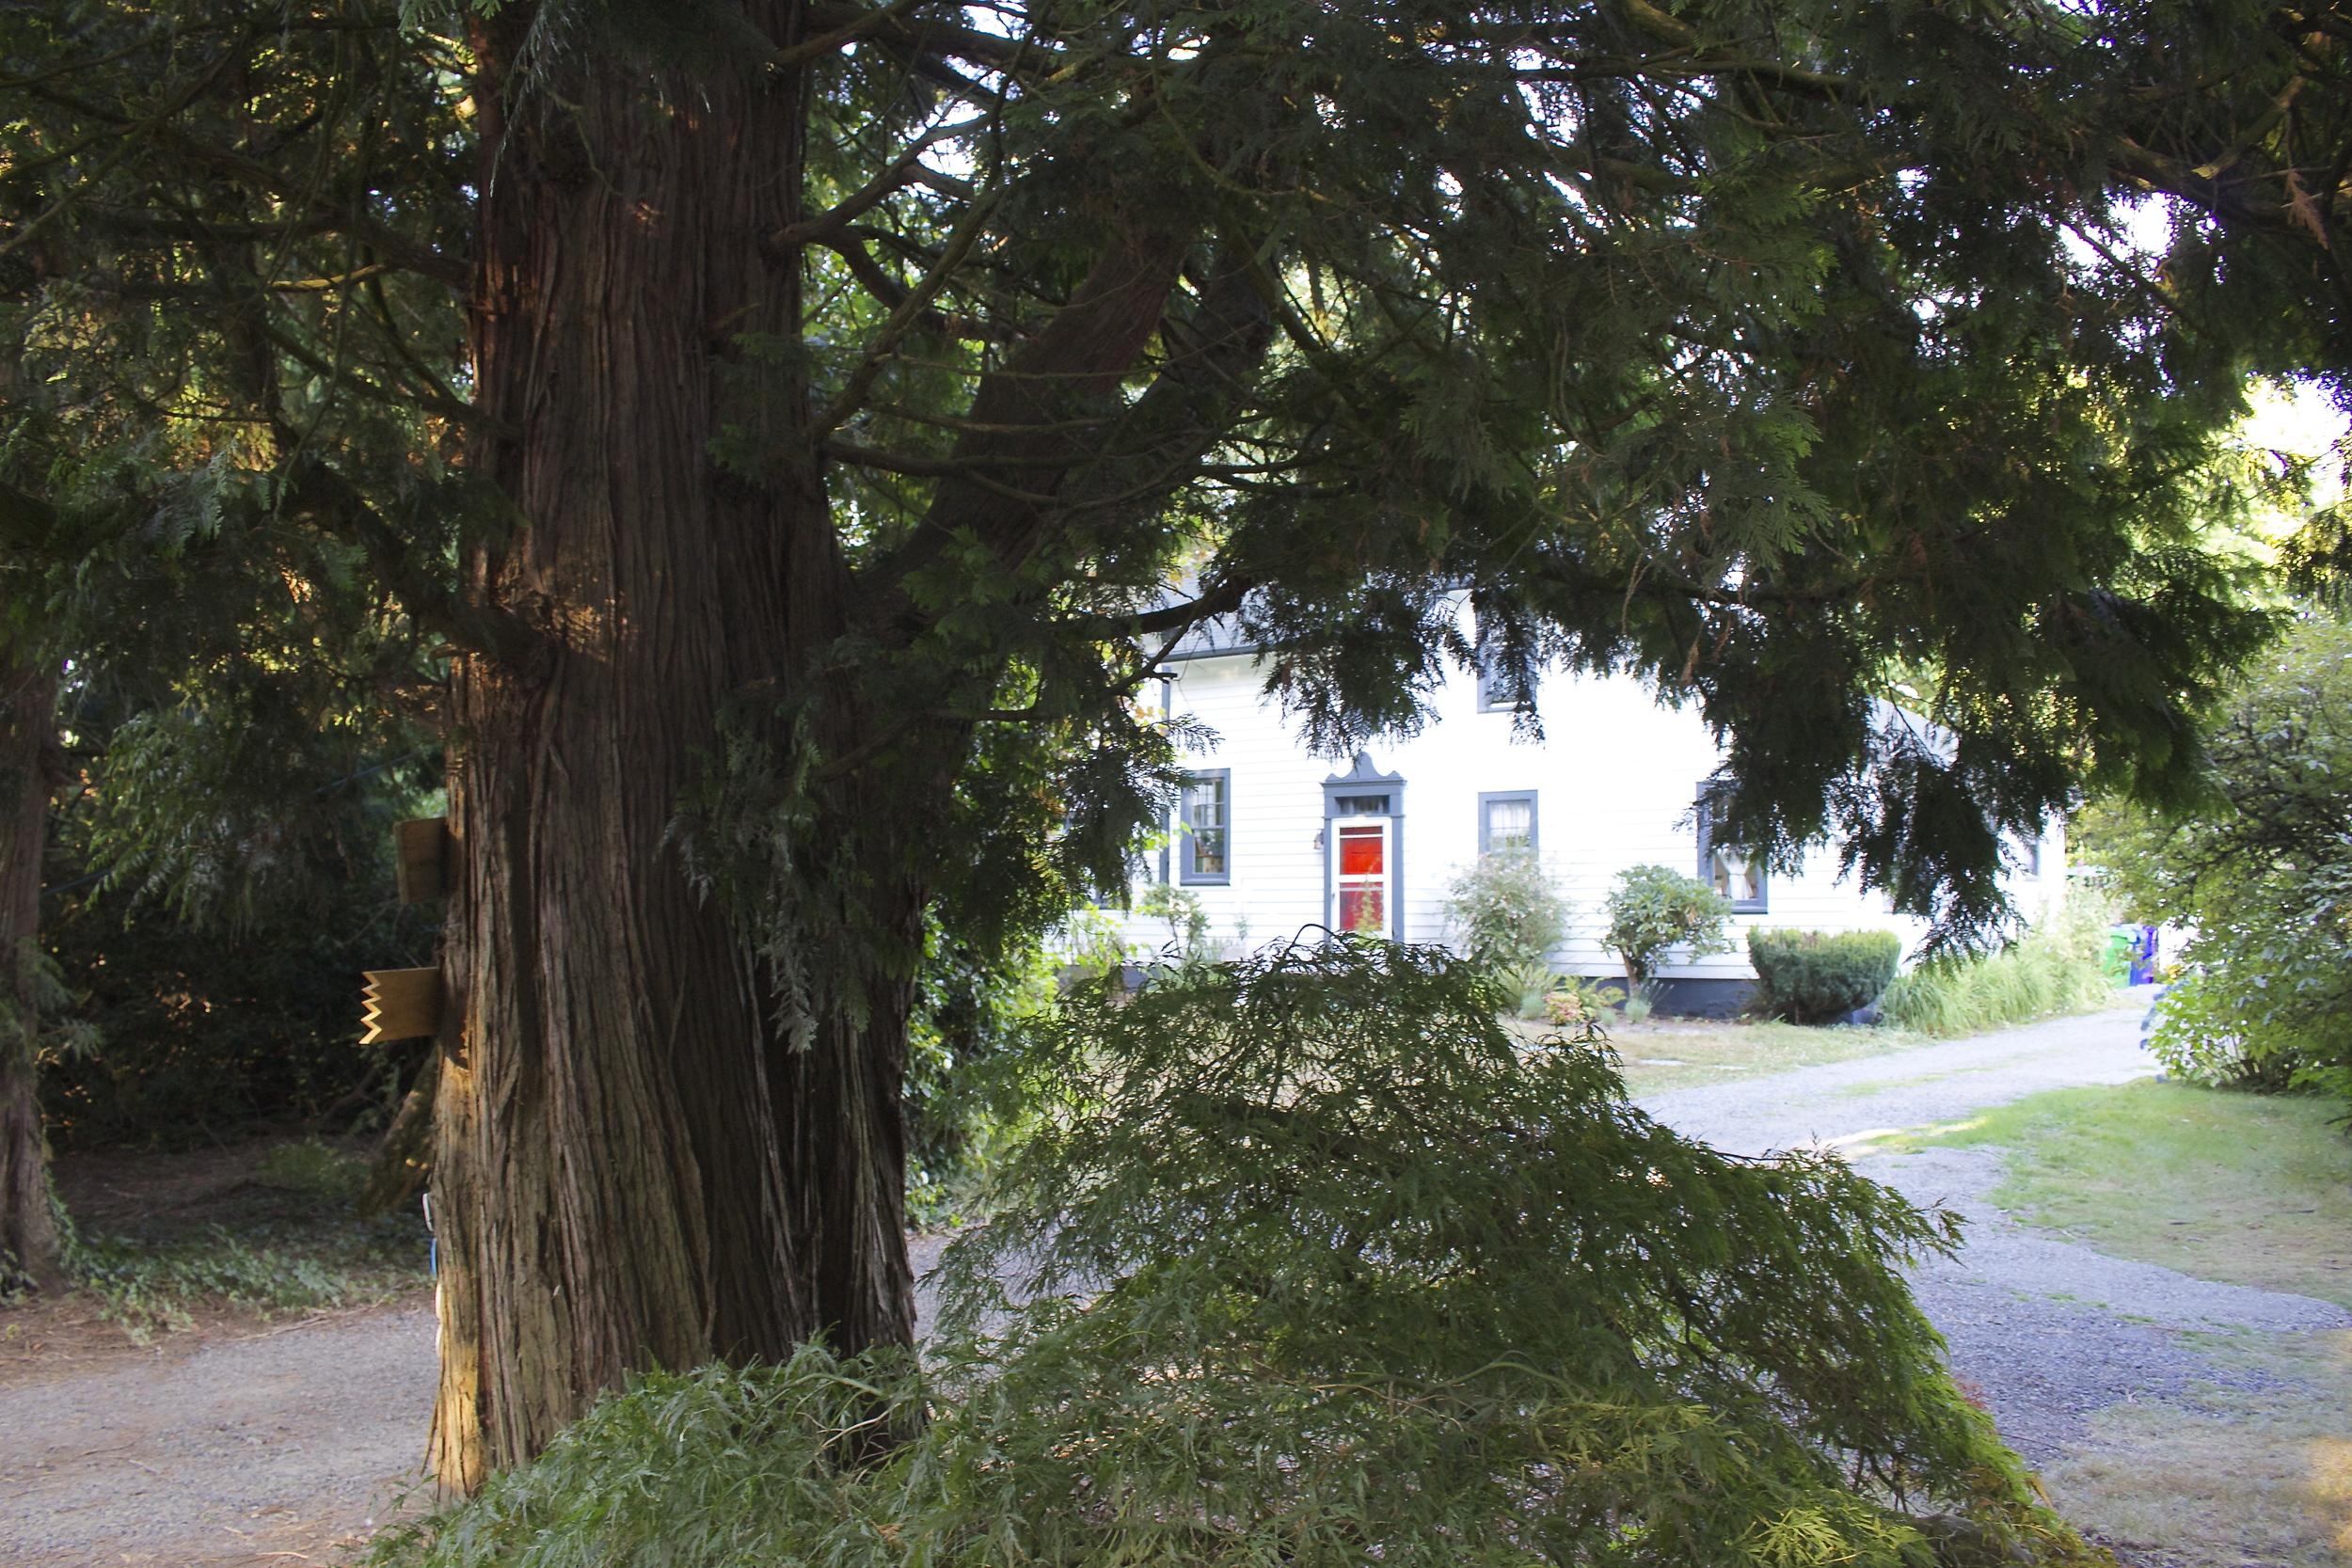 Hogan cedar and a 1920s farmhouse